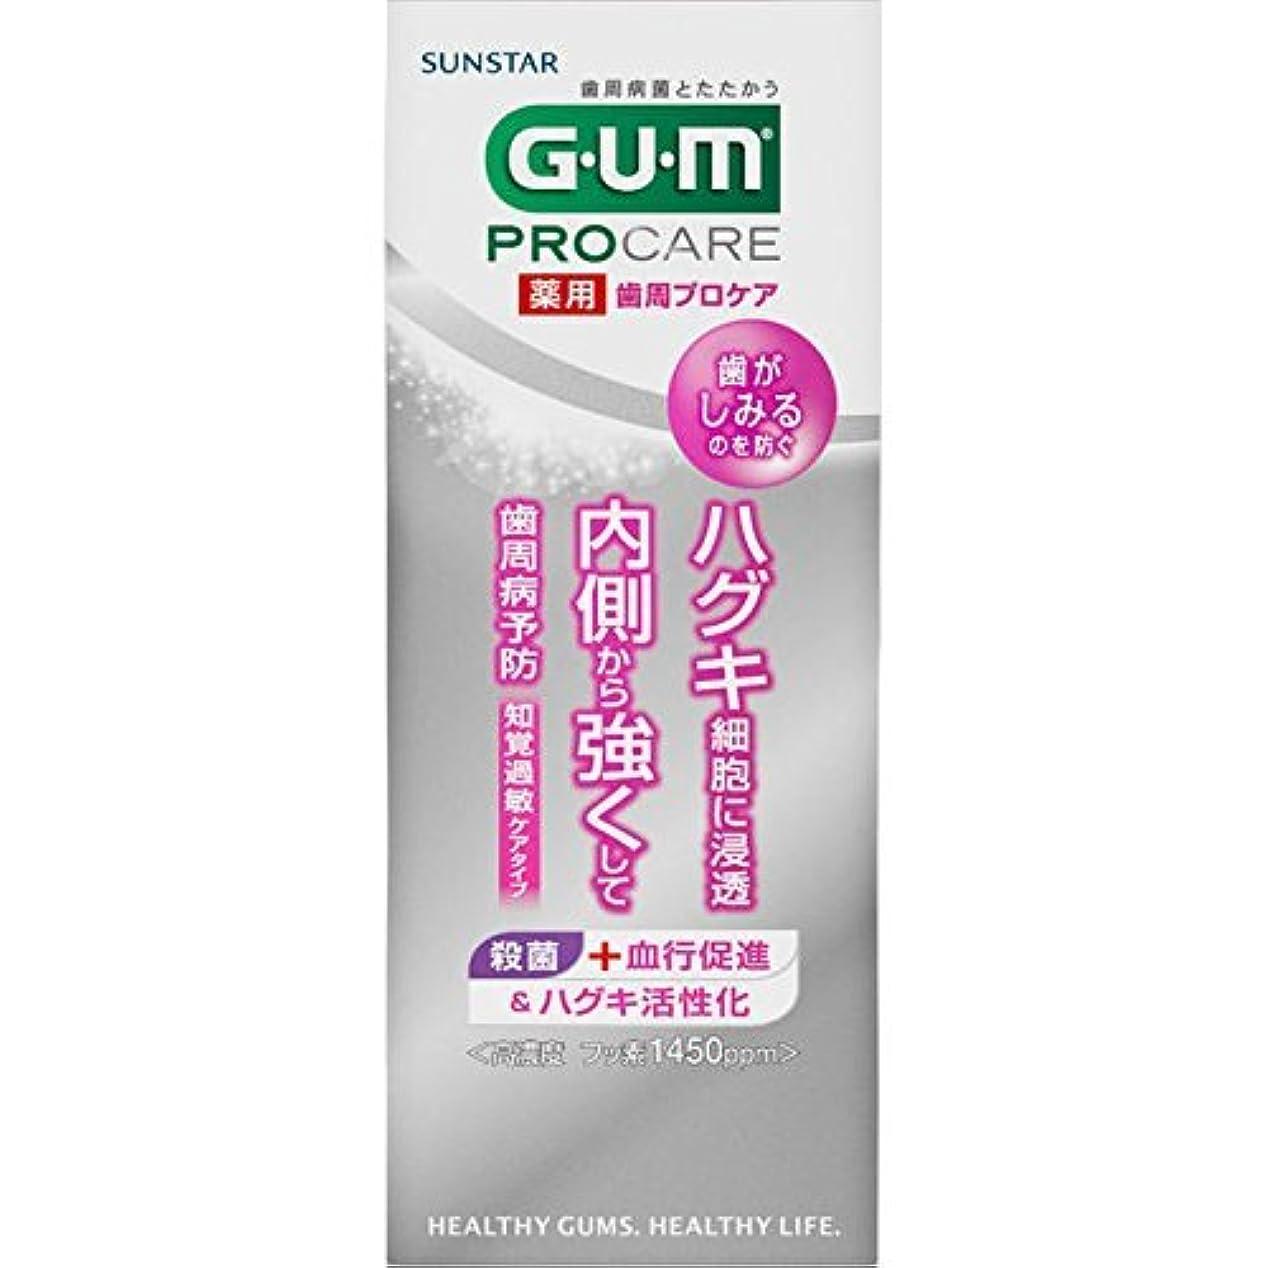 めまい器官彫刻家[医薬部外品] GUM(ガム) 歯周プロケア 歯みがき 48g <歯周病予防 ハグキケア 高濃度フッ素配合1,450ppm 知覚過敏予防>